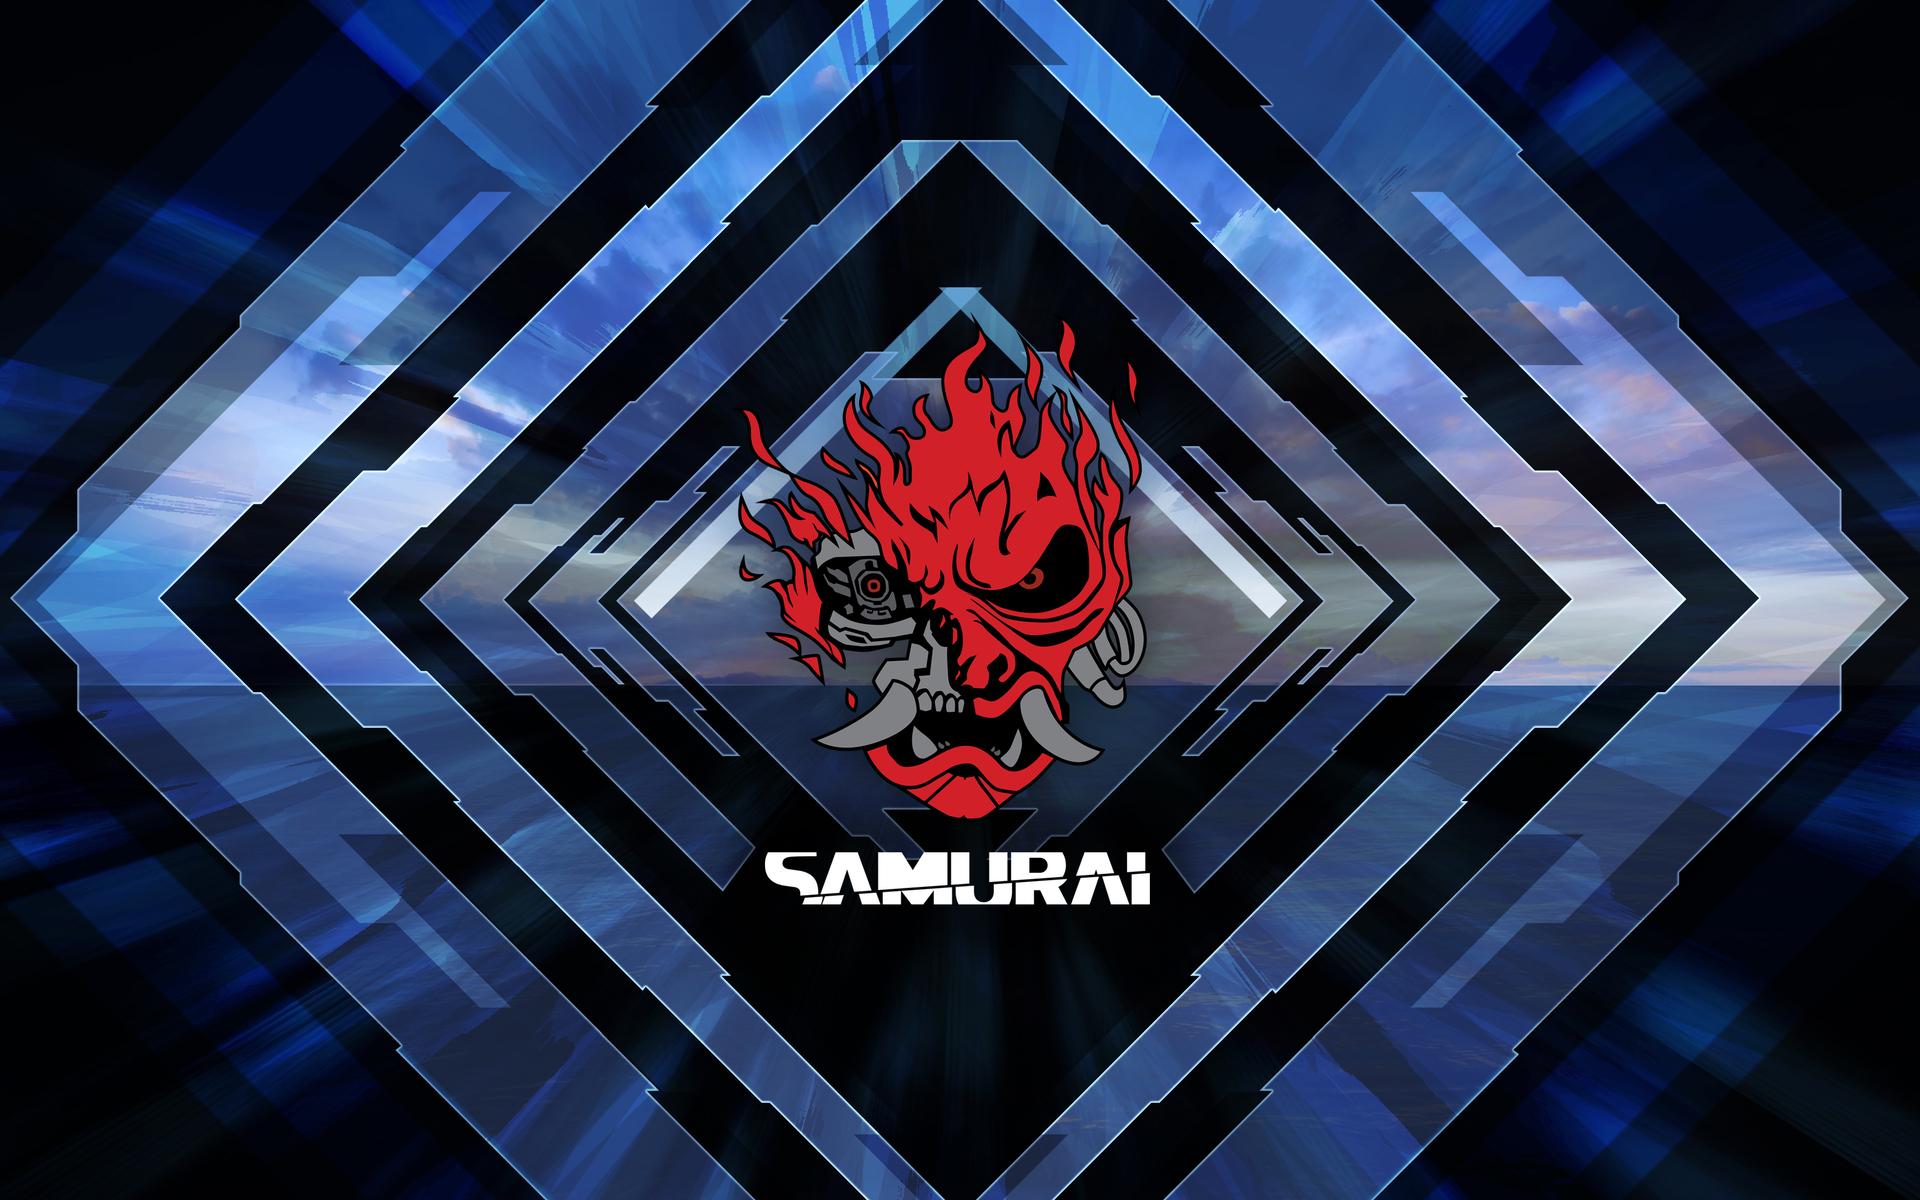 cyberpunk-samurai-logo-4k-xc.jpg